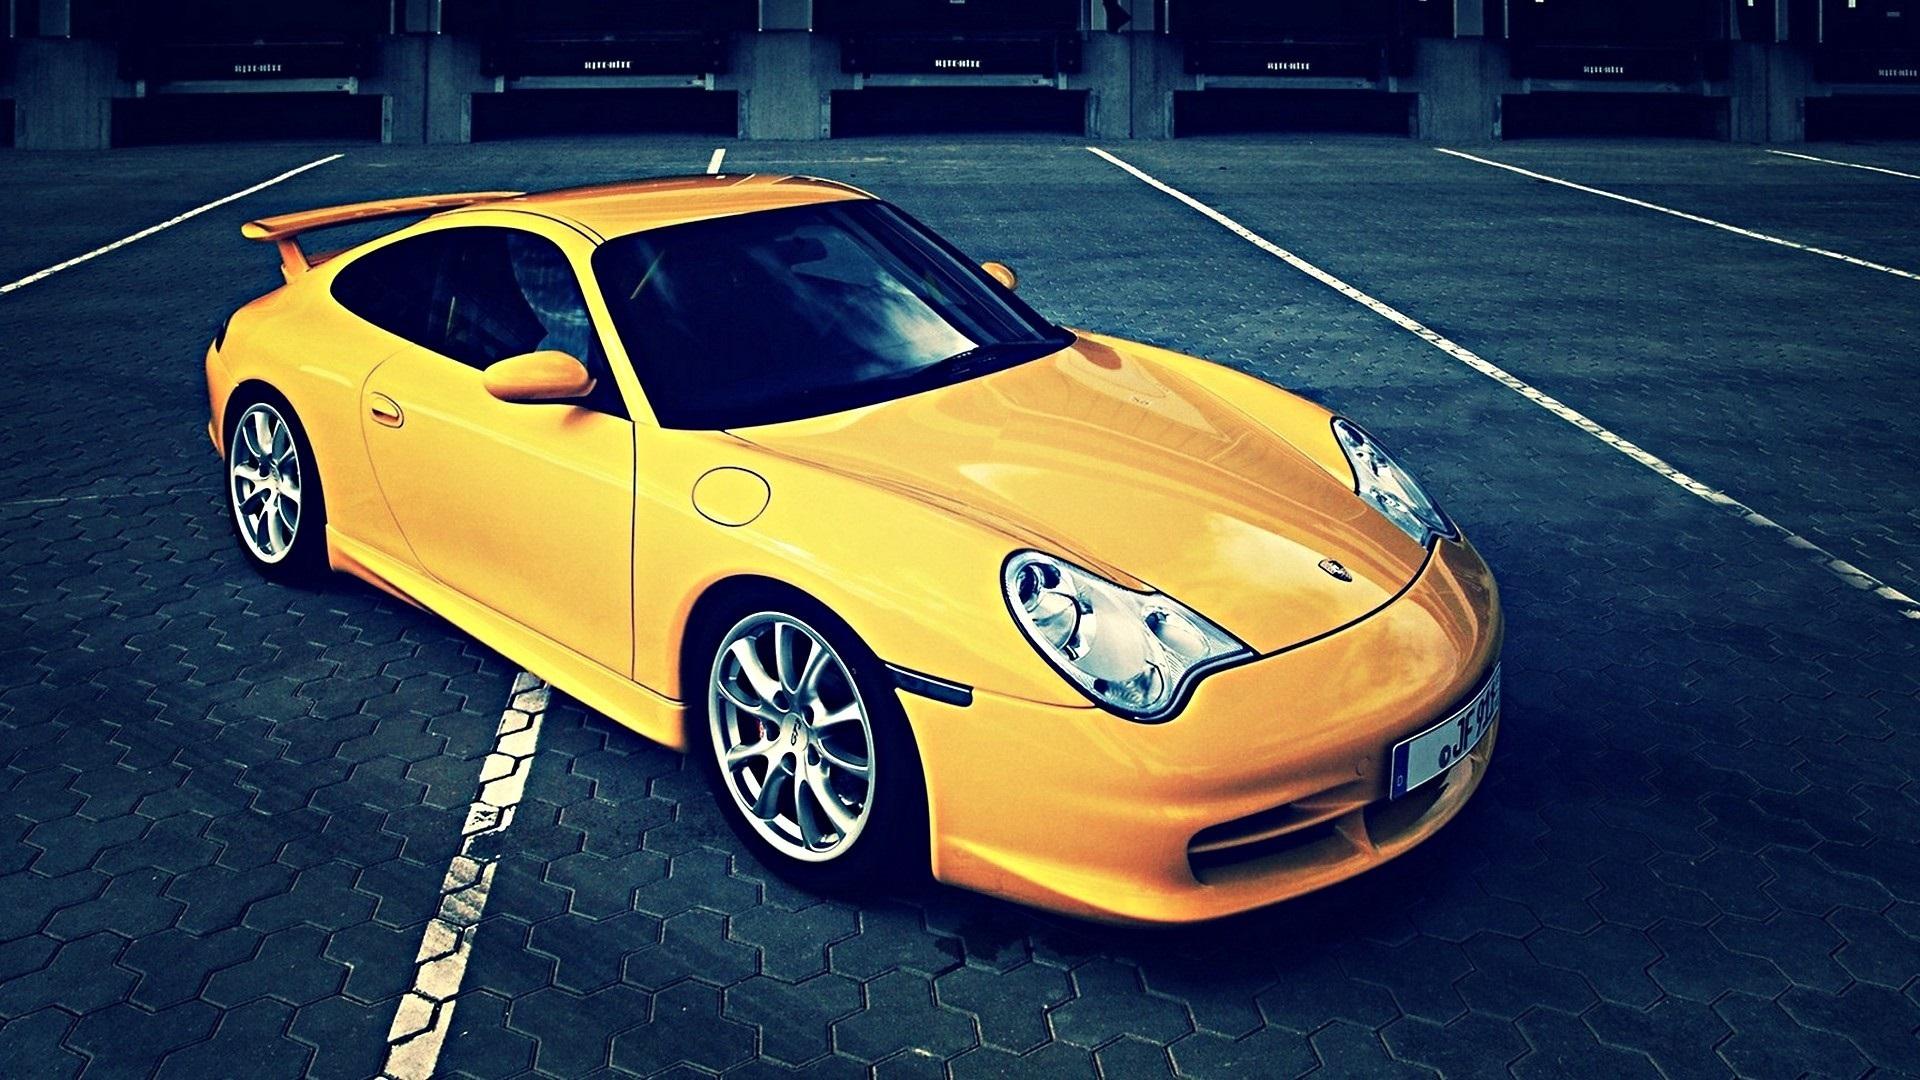 911色情视频_壁紙ポルシェ911黄色のスーパーカー1920x1080FullHD2K無料の